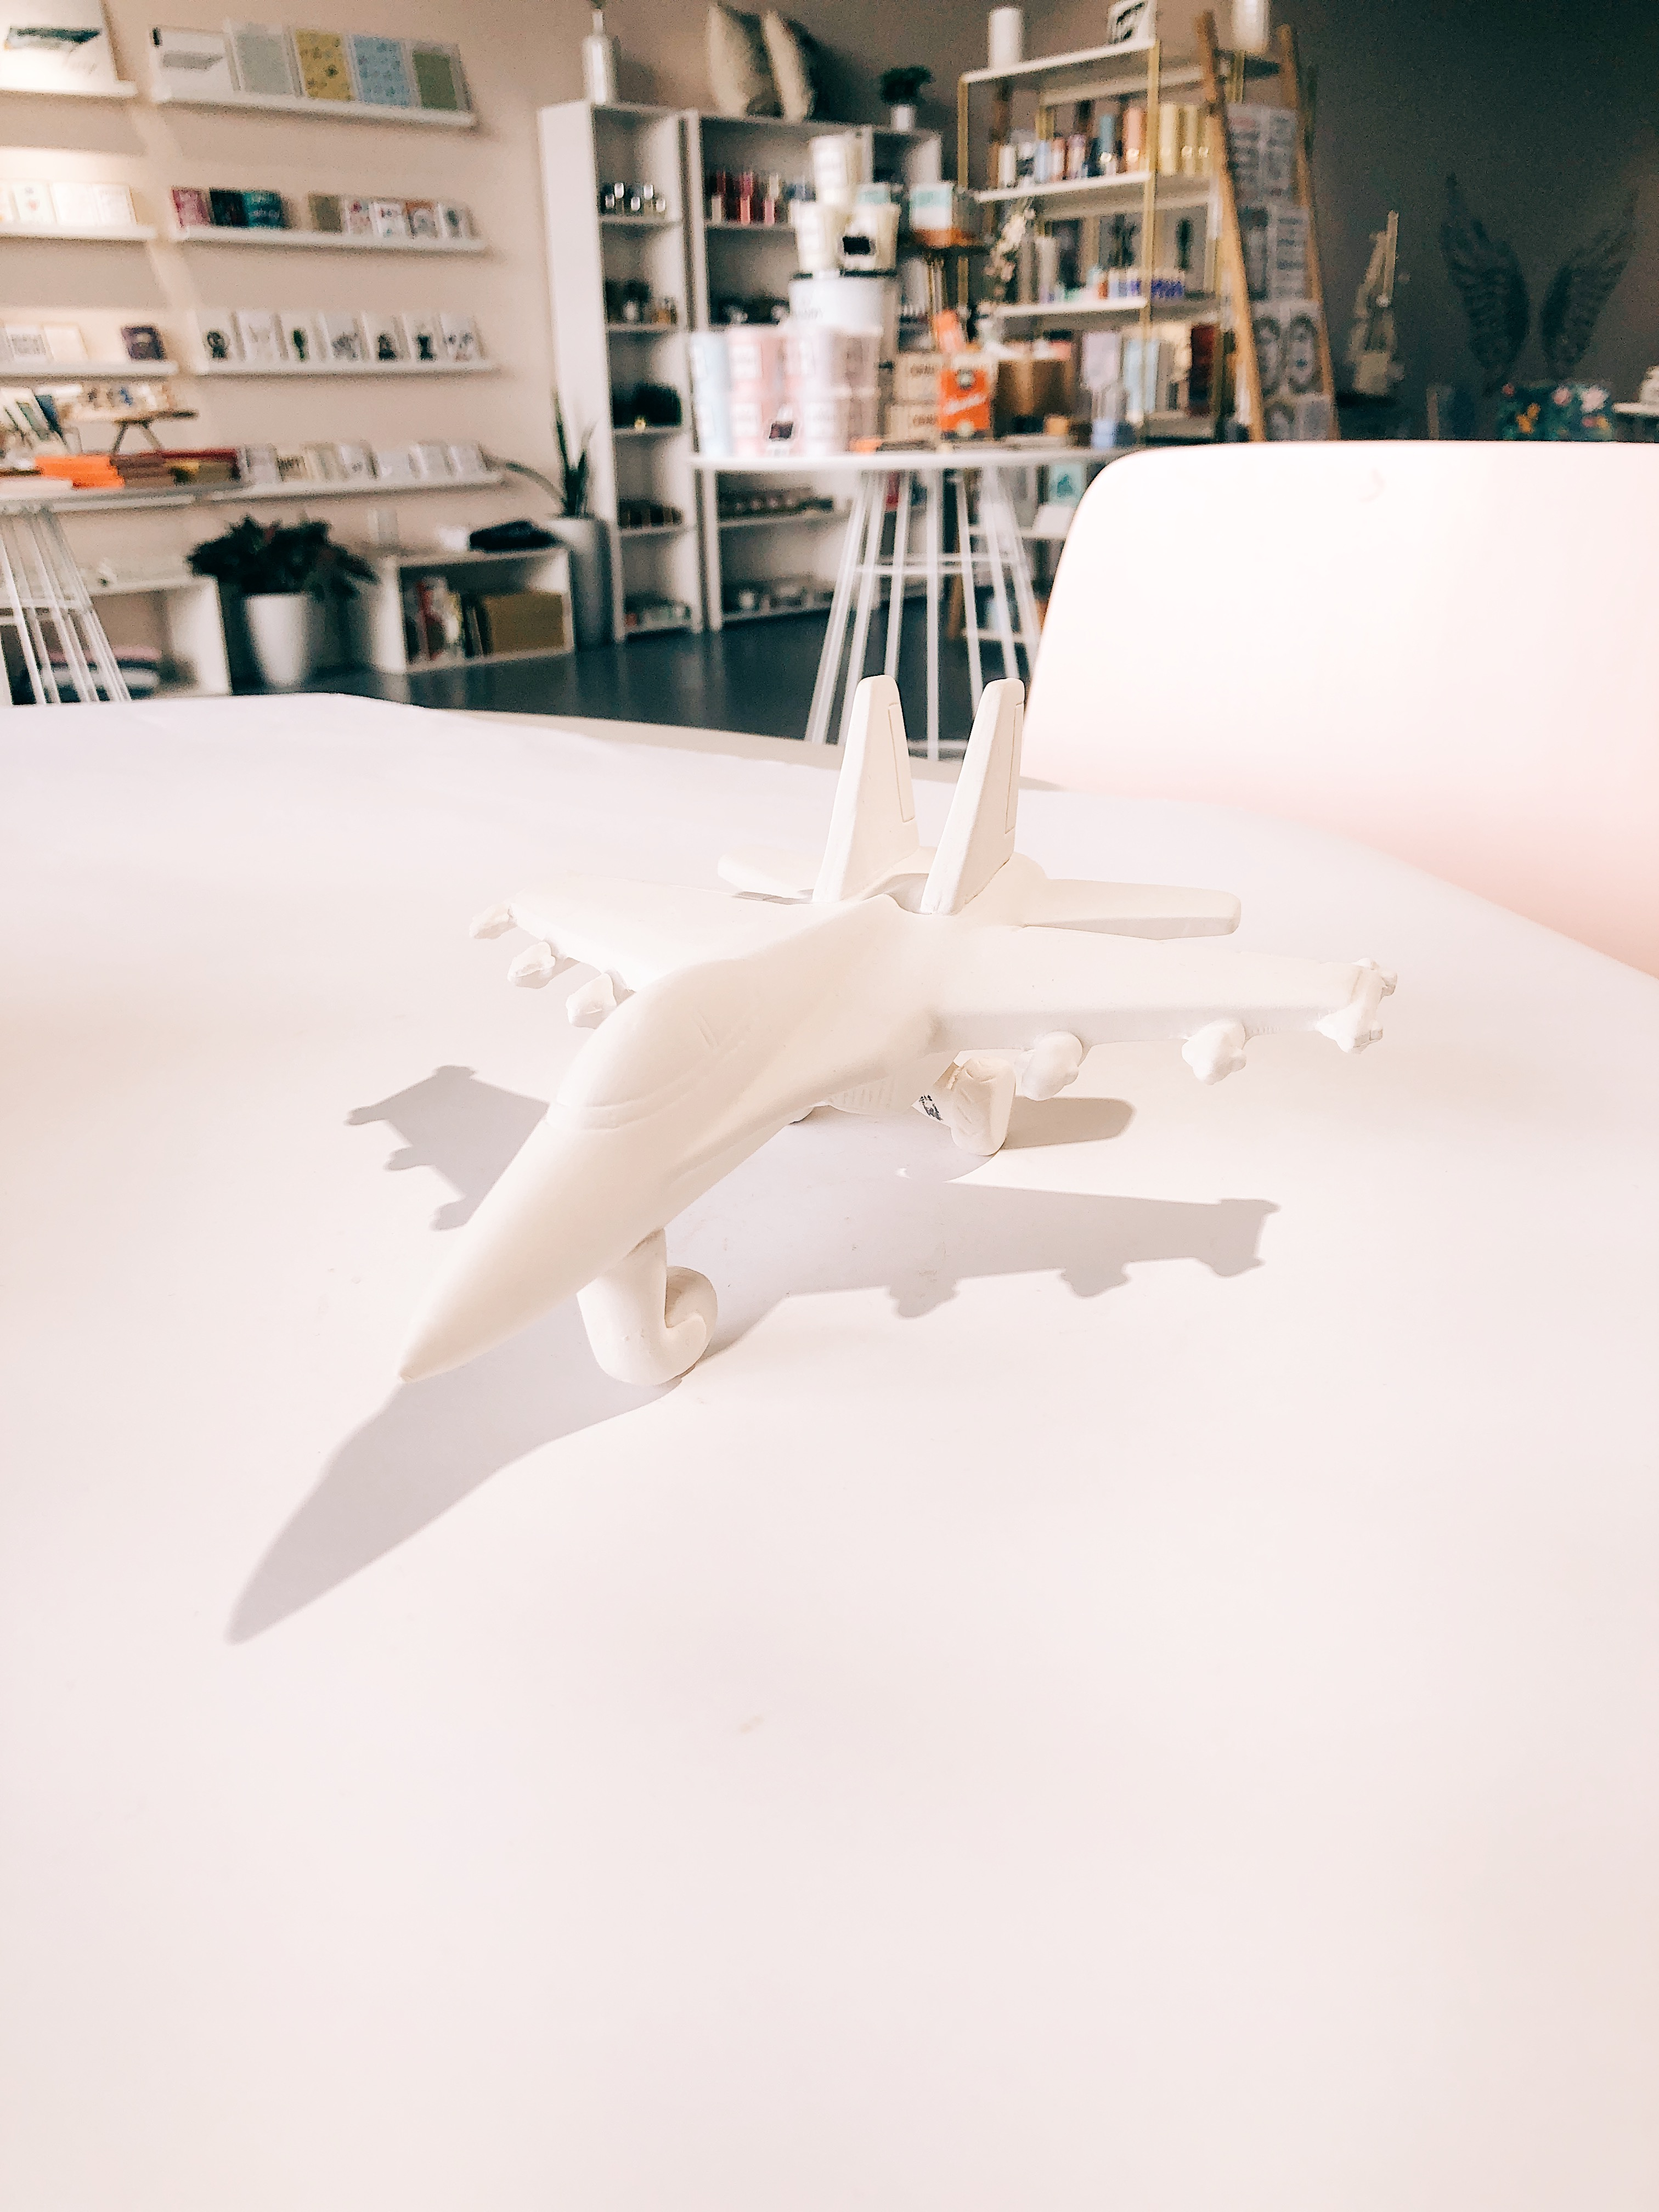 F-18 Jet